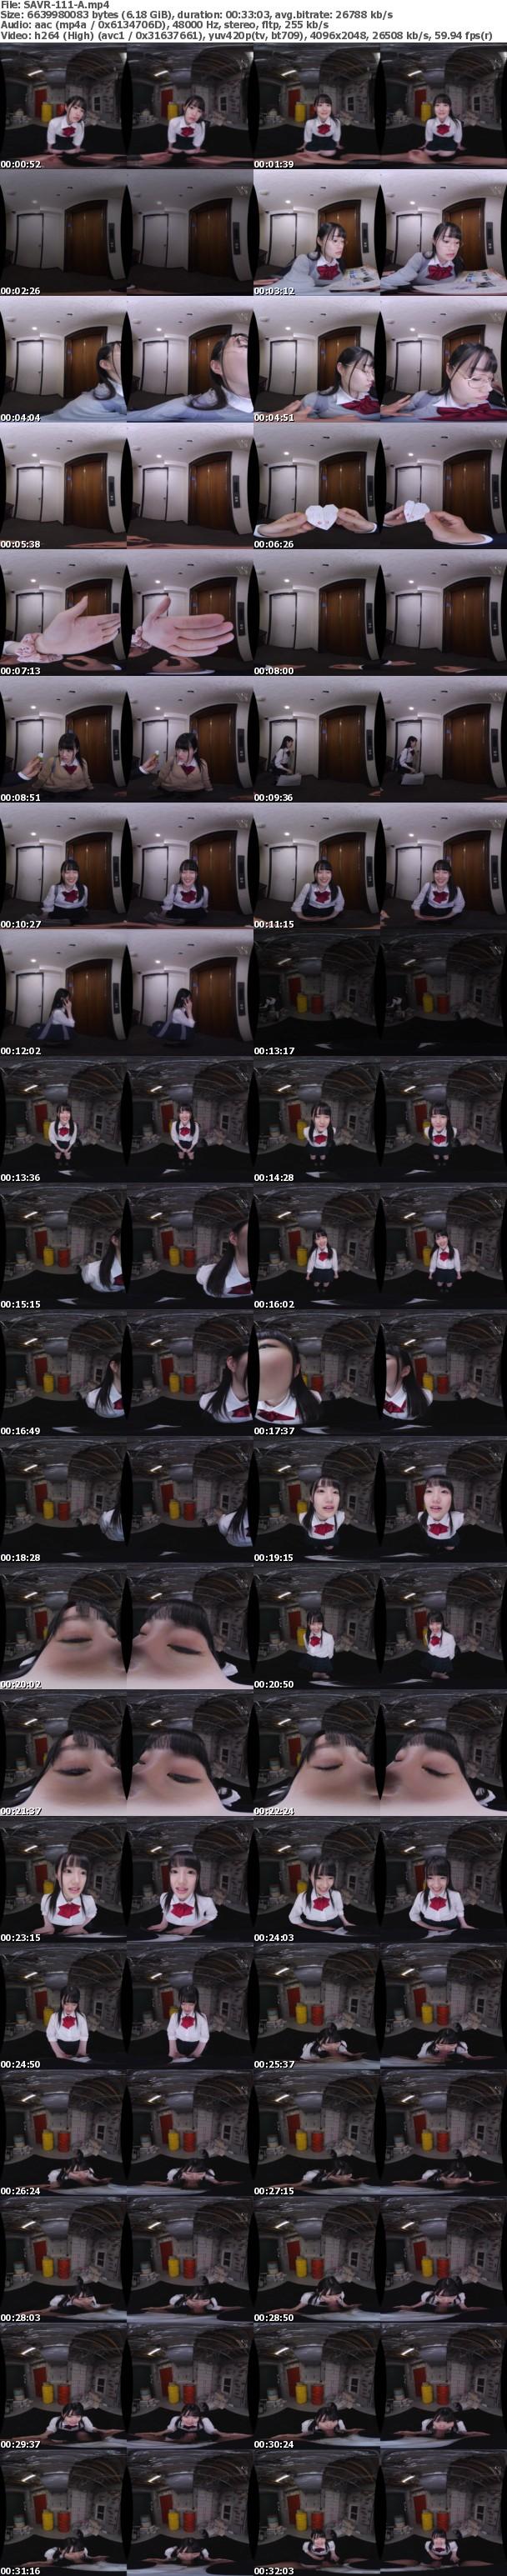 (VR) SAVR-111 純朴な生徒から盲目的に愛されたボクは、とても美味しそうな顔で逆舐めレ●プされてしまいました。